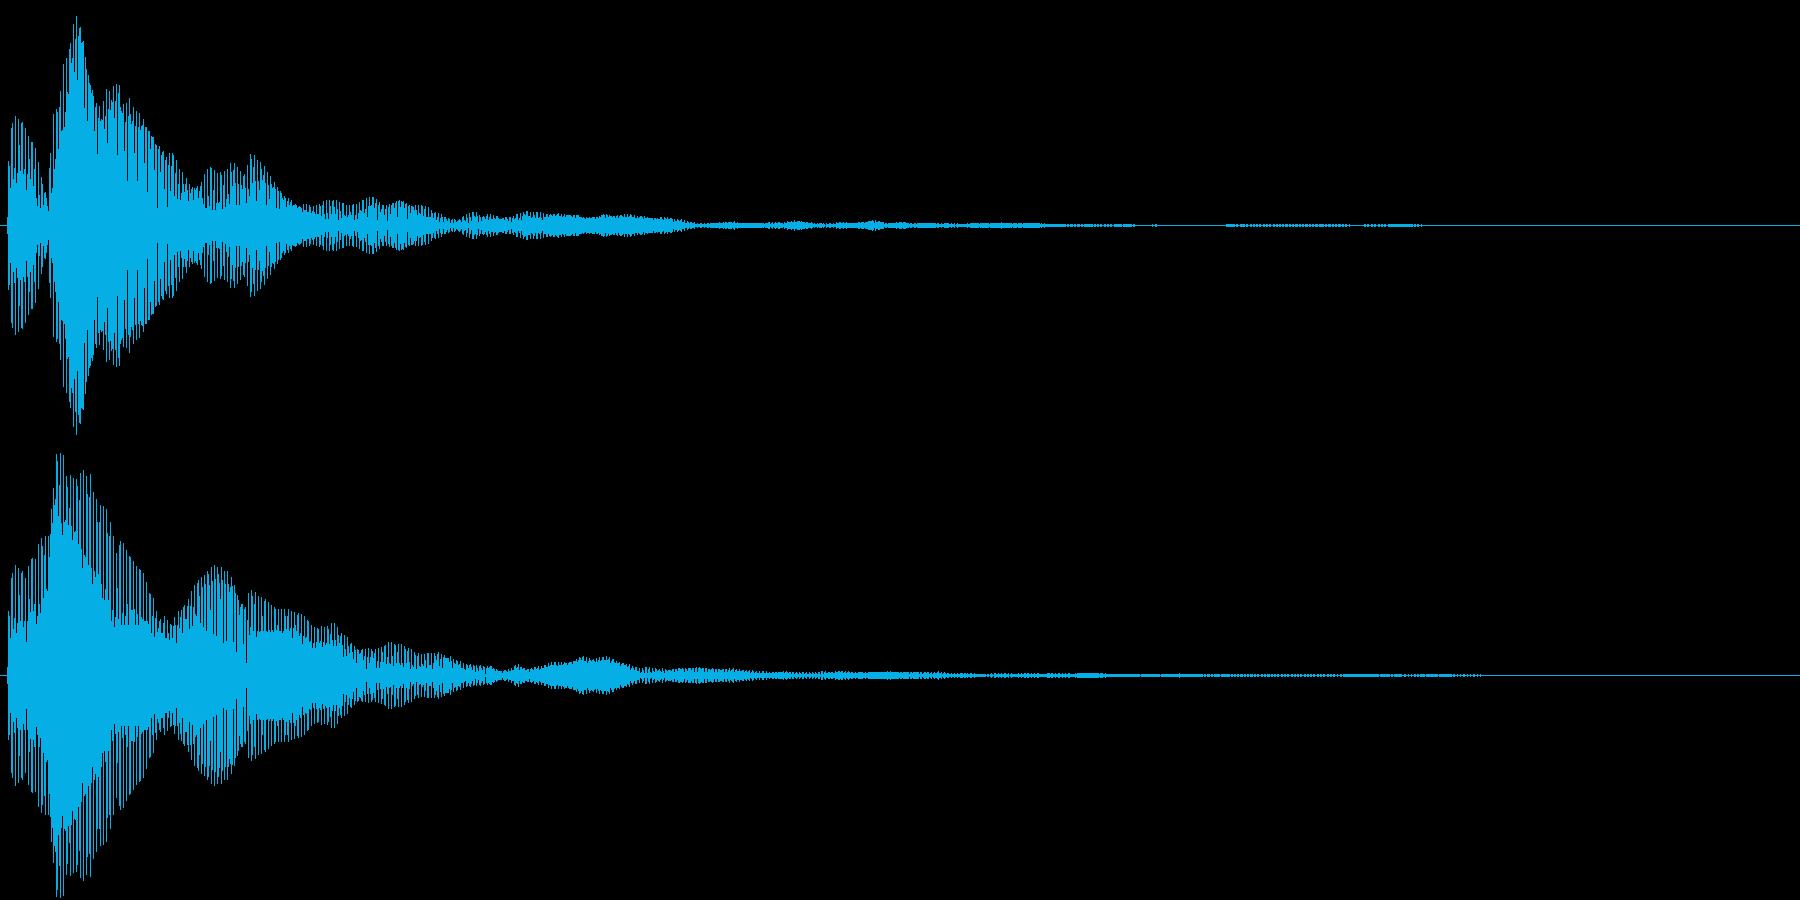 ピッというメニュー画面などで選択する音の再生済みの波形